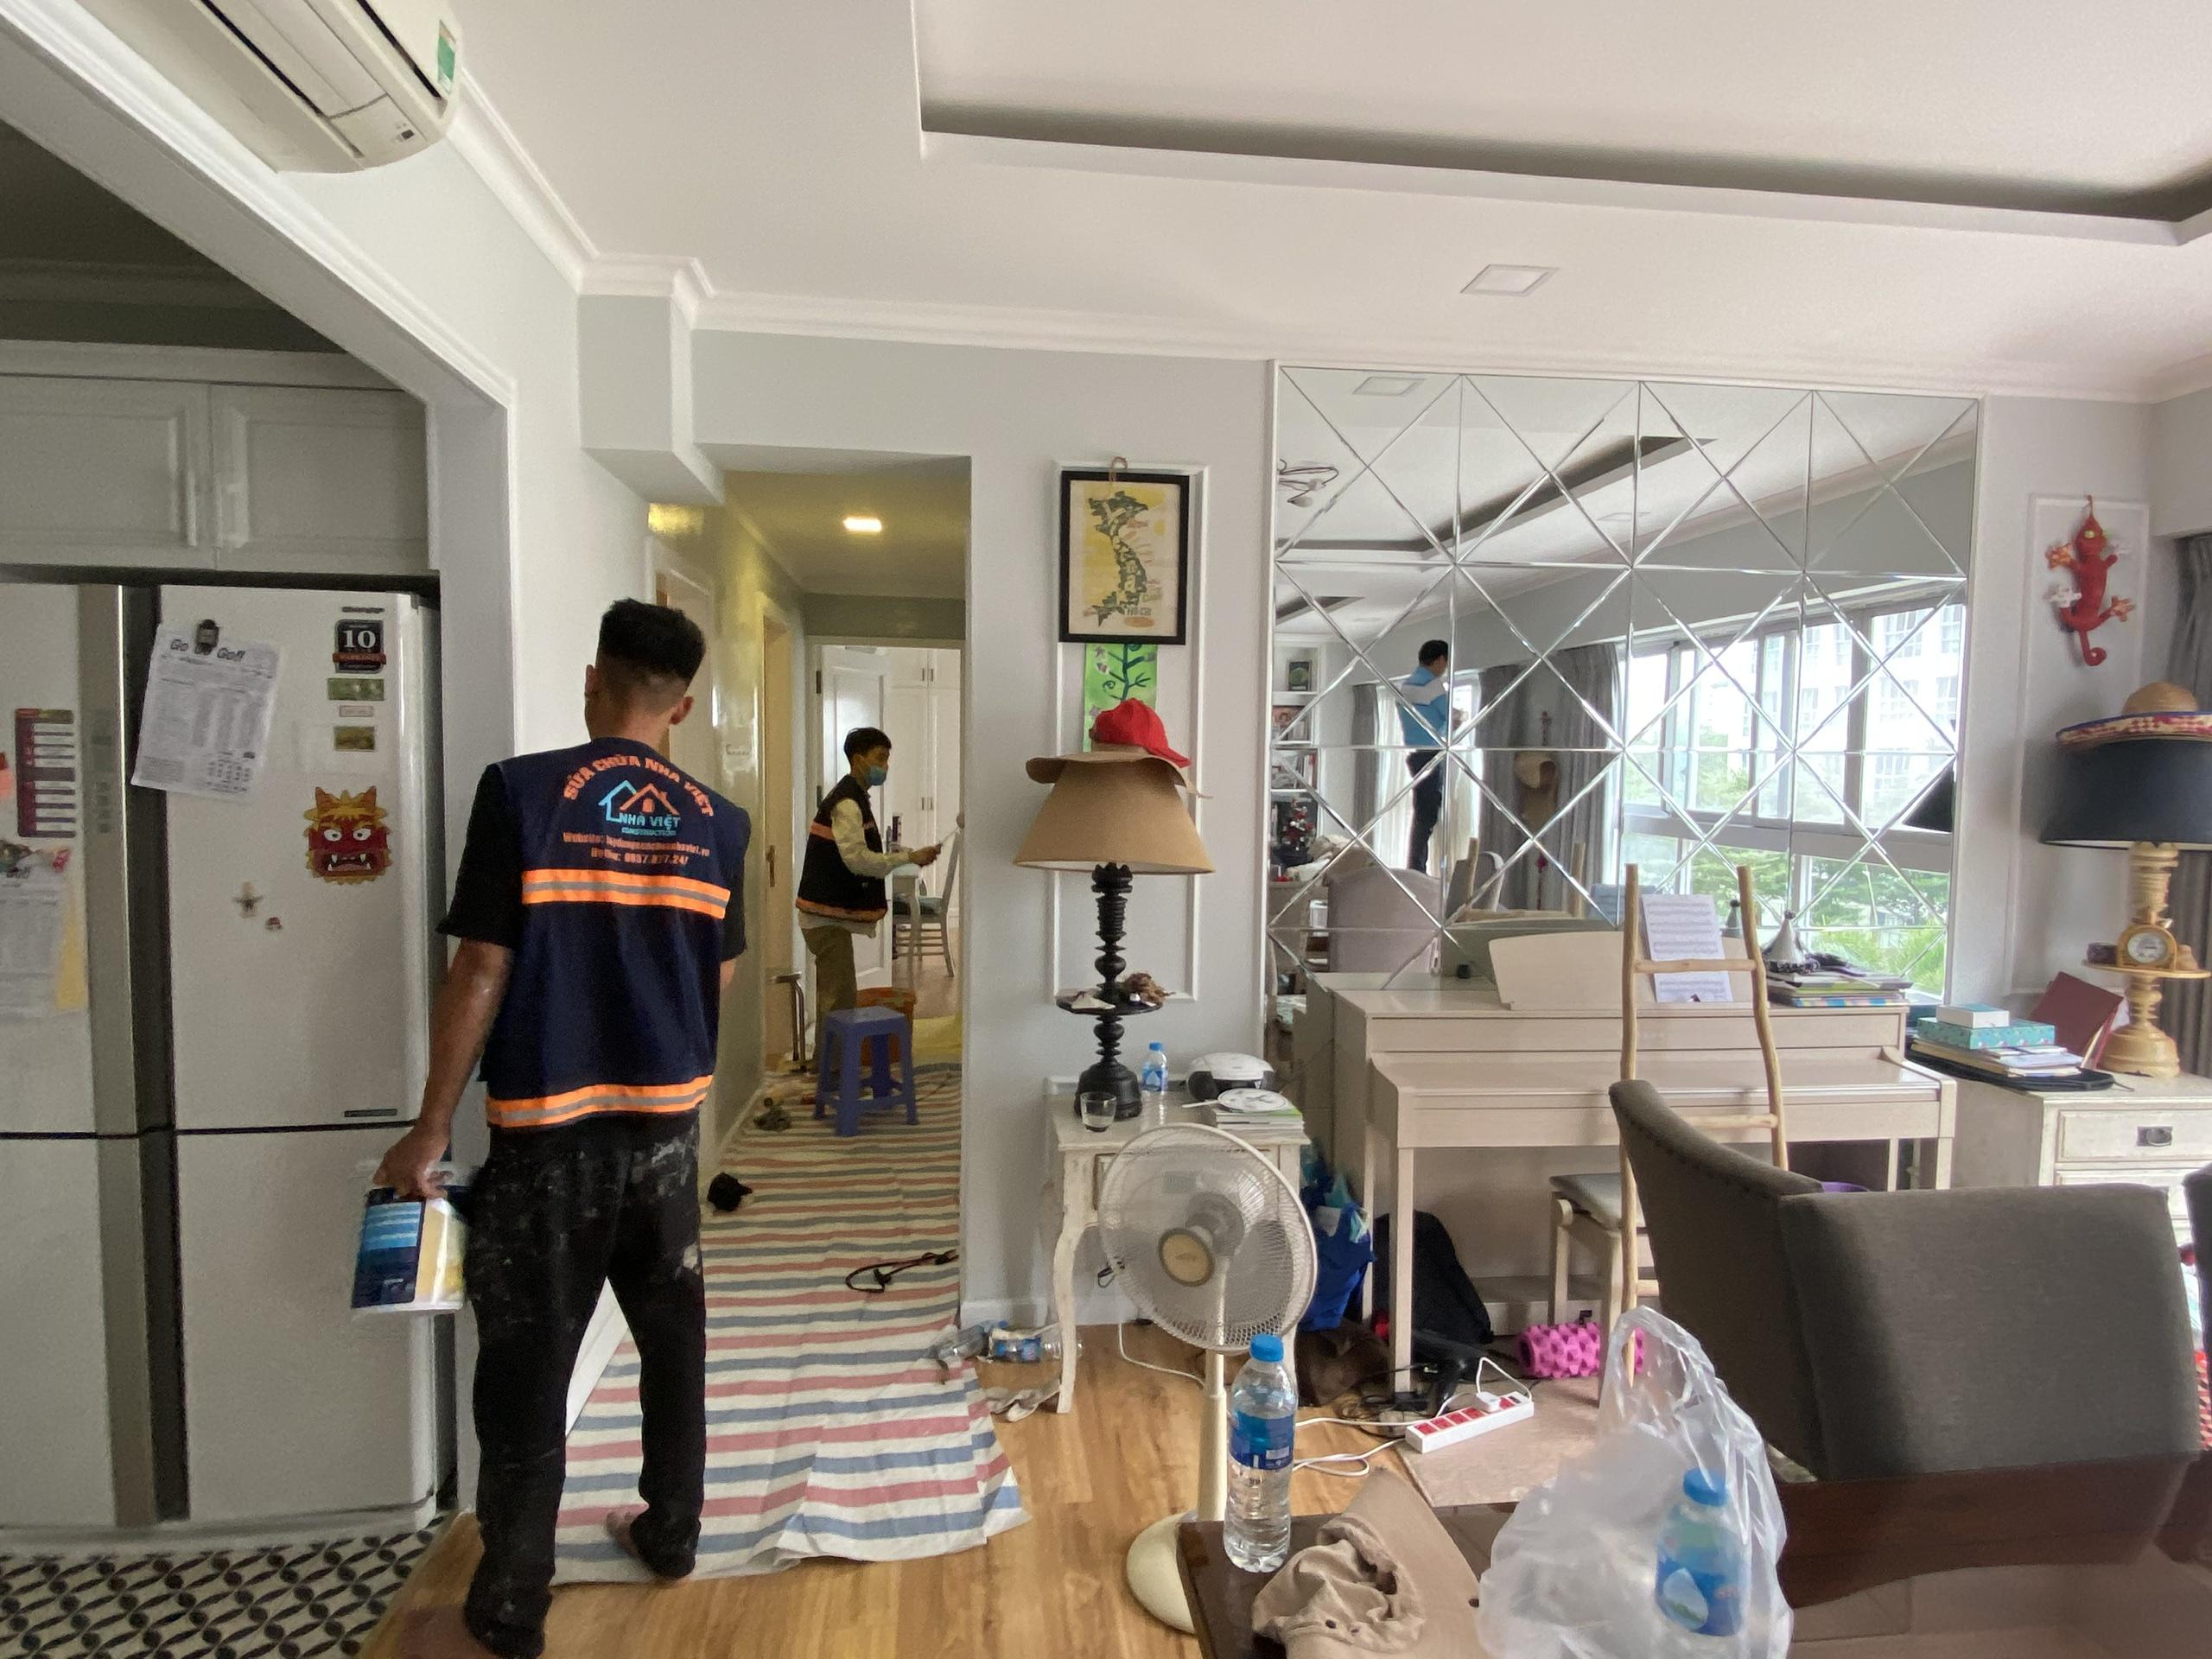 thi cong son nuoc tphcm 3 - Thi công sơn nước TP Hồ Chí Minh trọn gói tốt nhất 2021